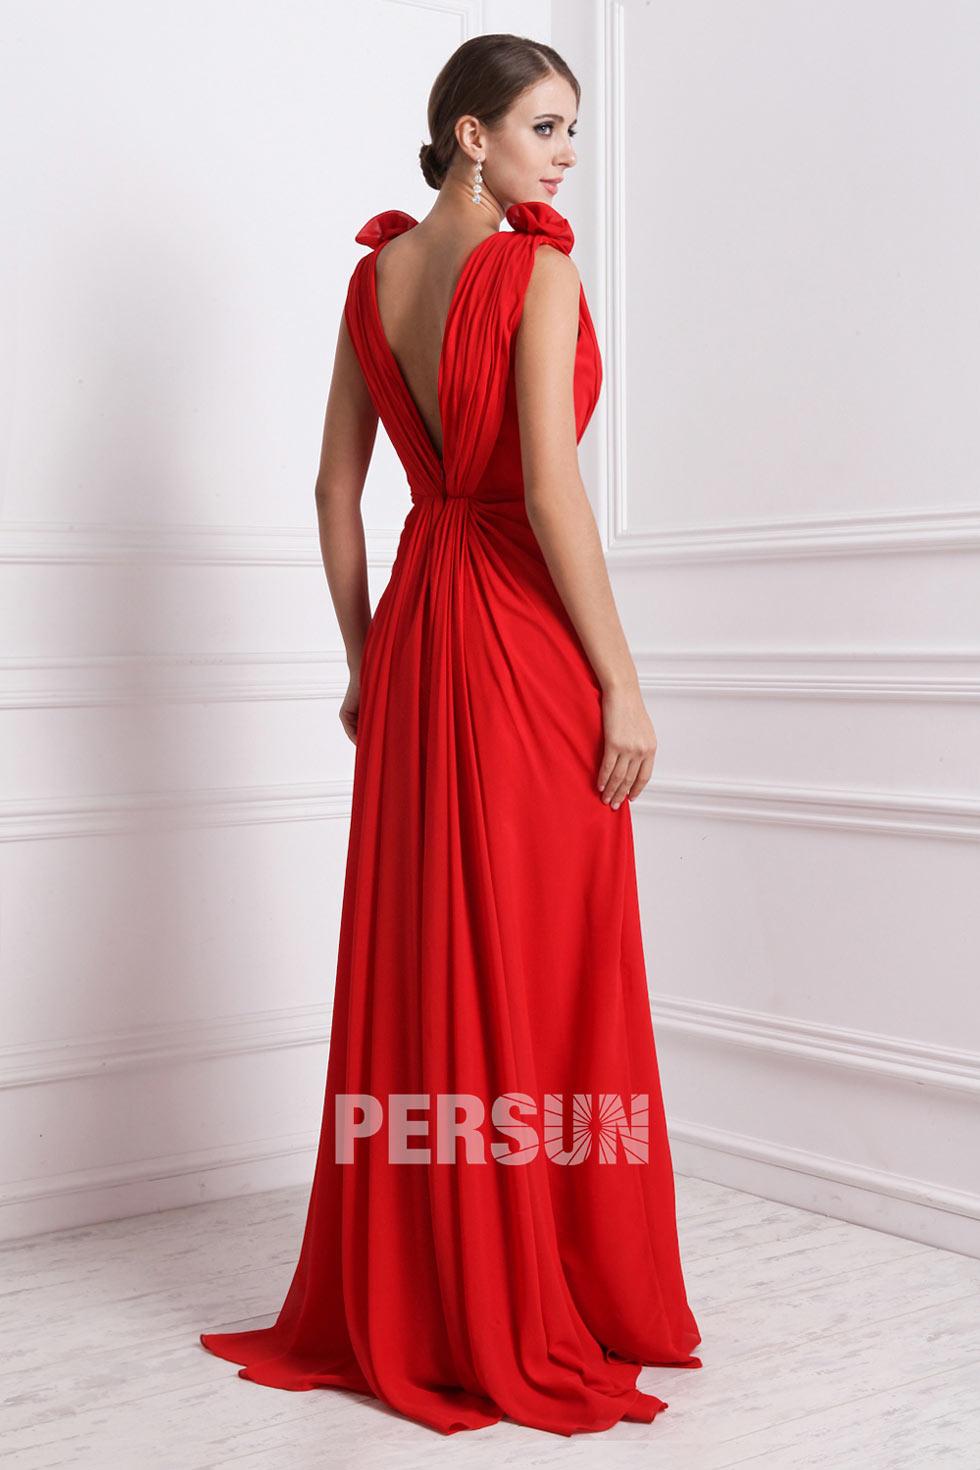 robe soir e rouge tr s d collet e avec fleurs fait main. Black Bedroom Furniture Sets. Home Design Ideas